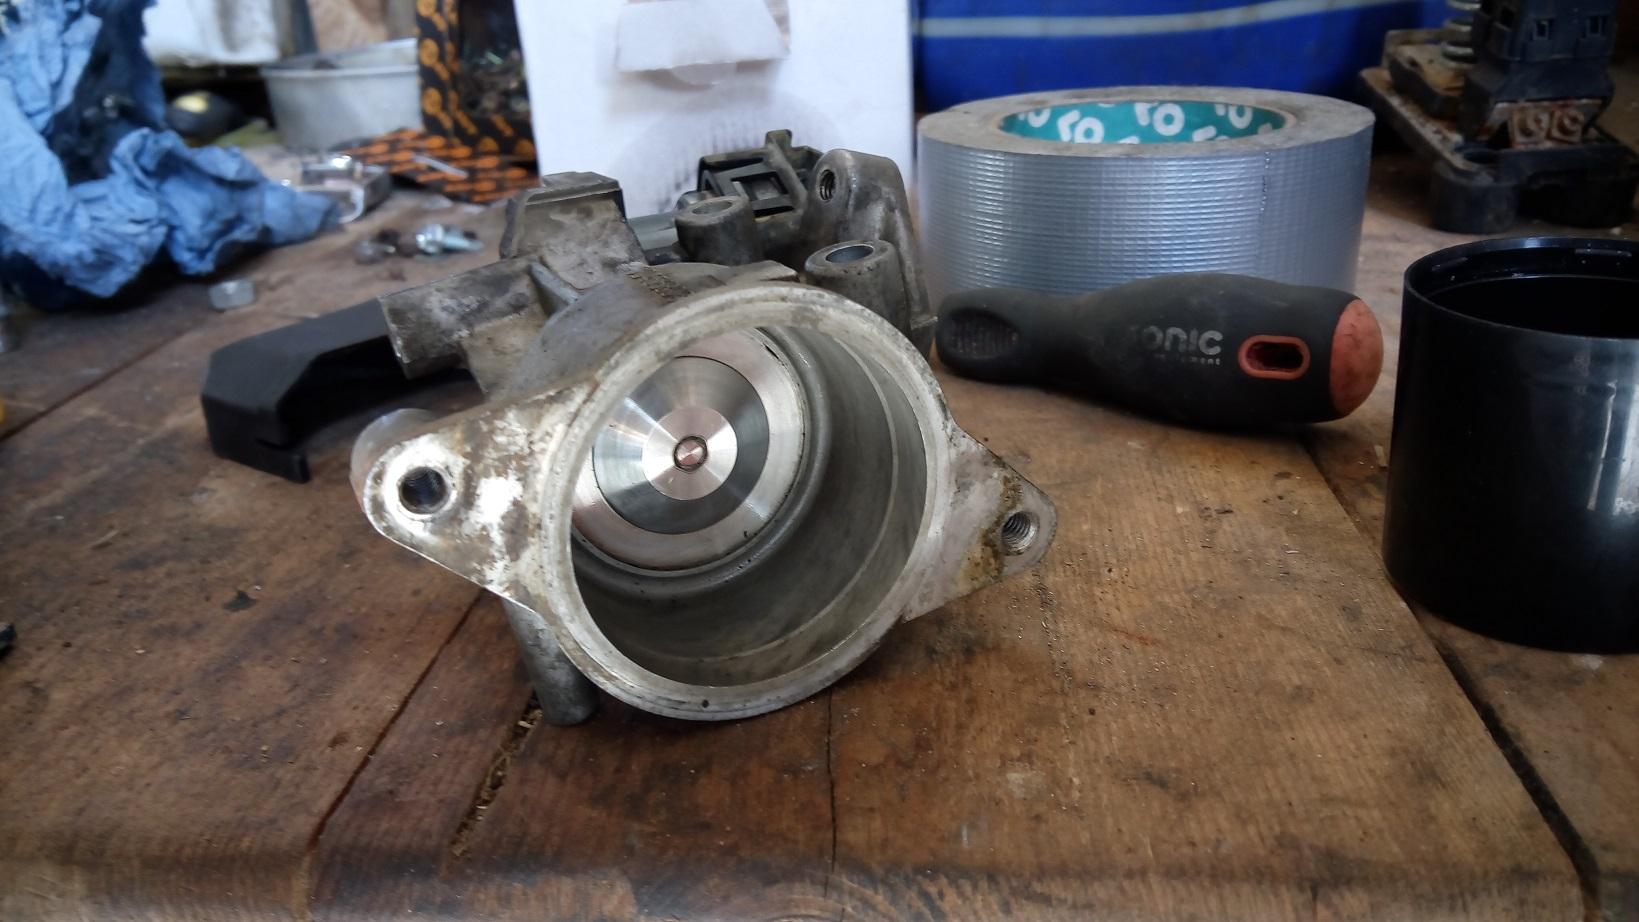 V50 2 0D throttle issue